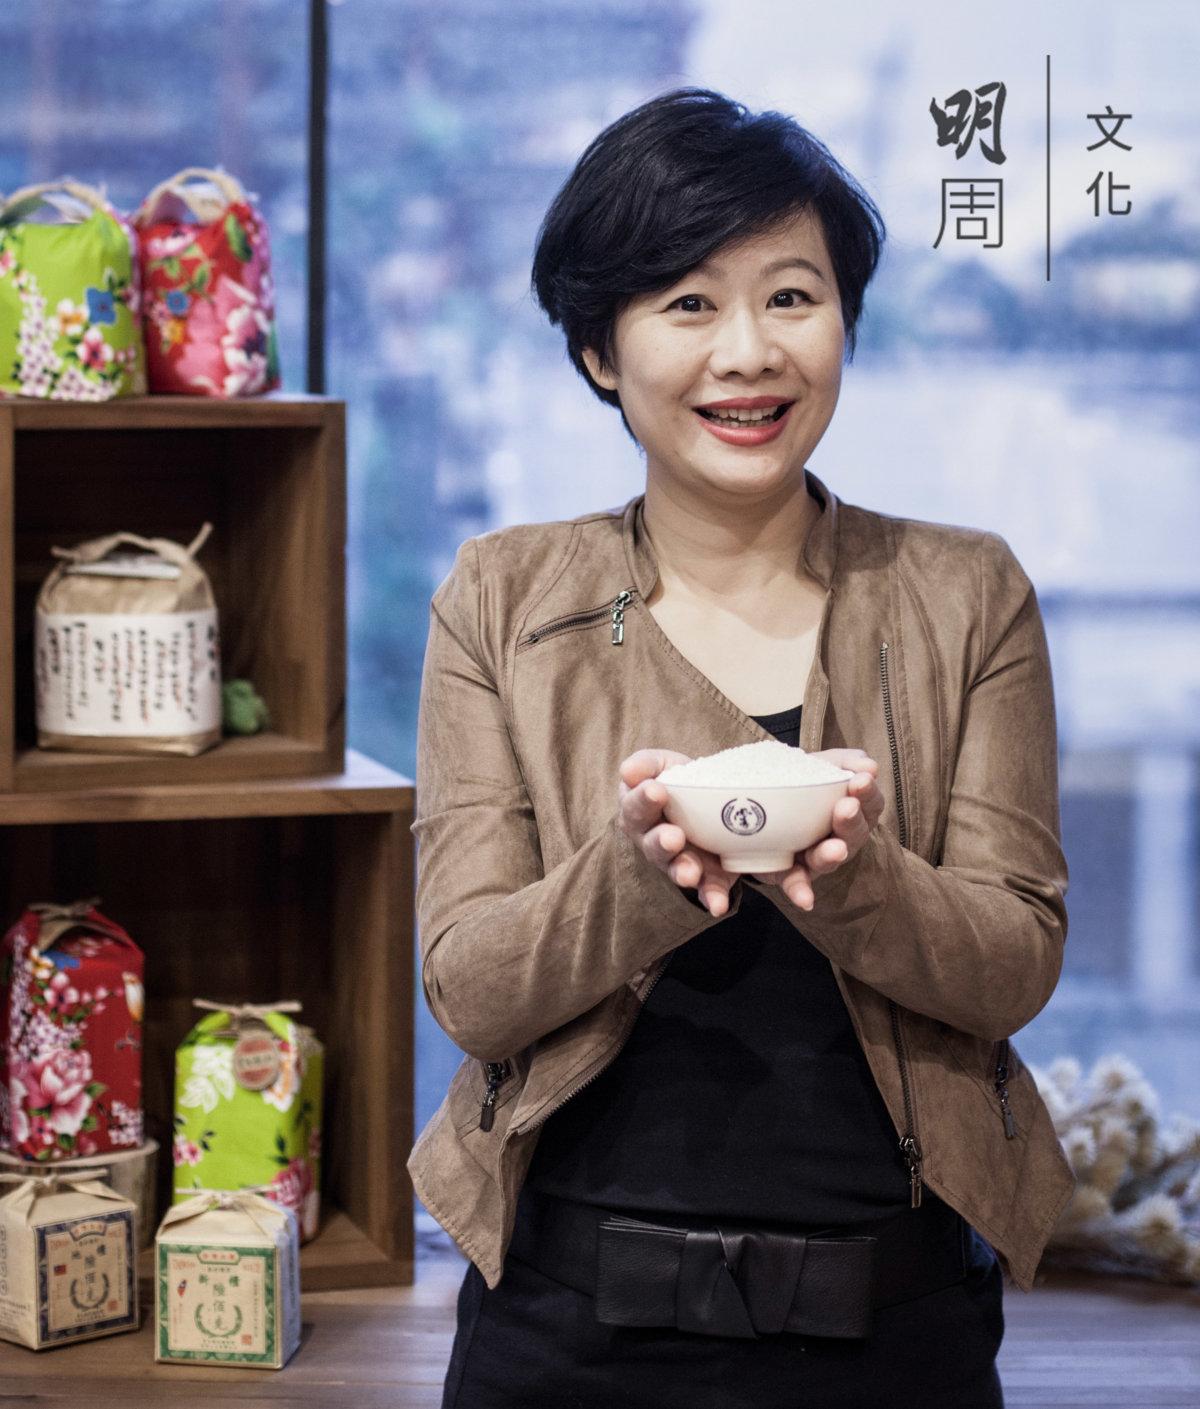 程昀儀創業懷有一顆敬天愛地之心,重新定義米的價值。